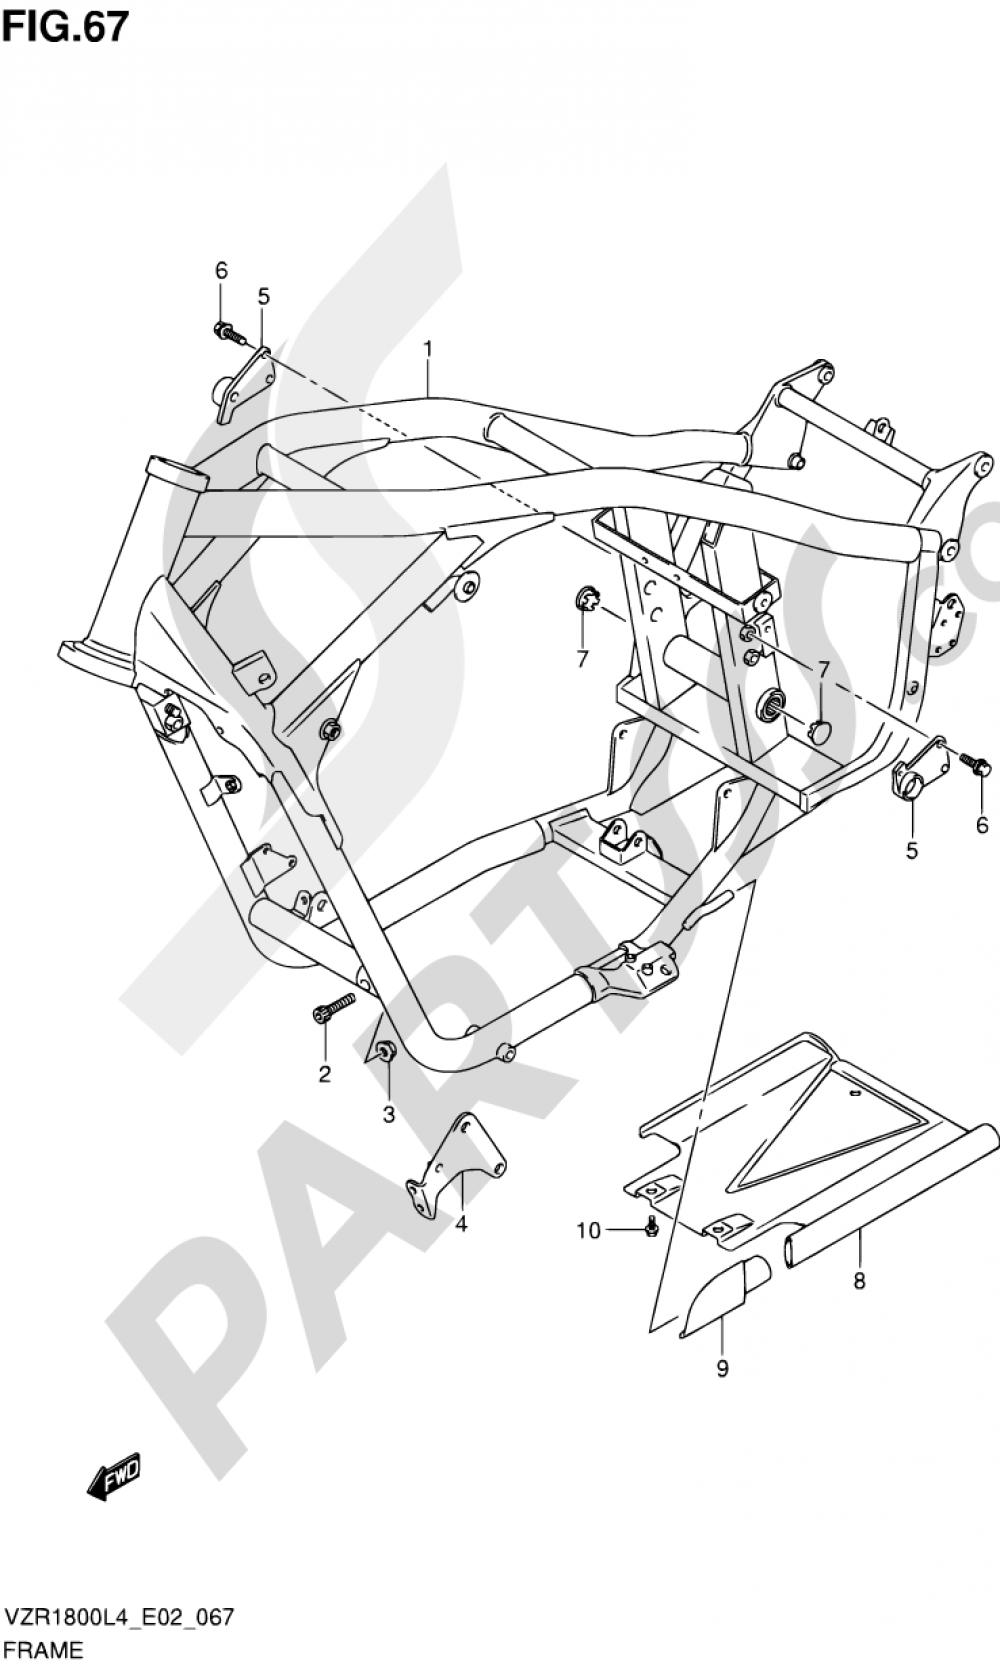 67 - FRAME Suzuki VZR1800 2014